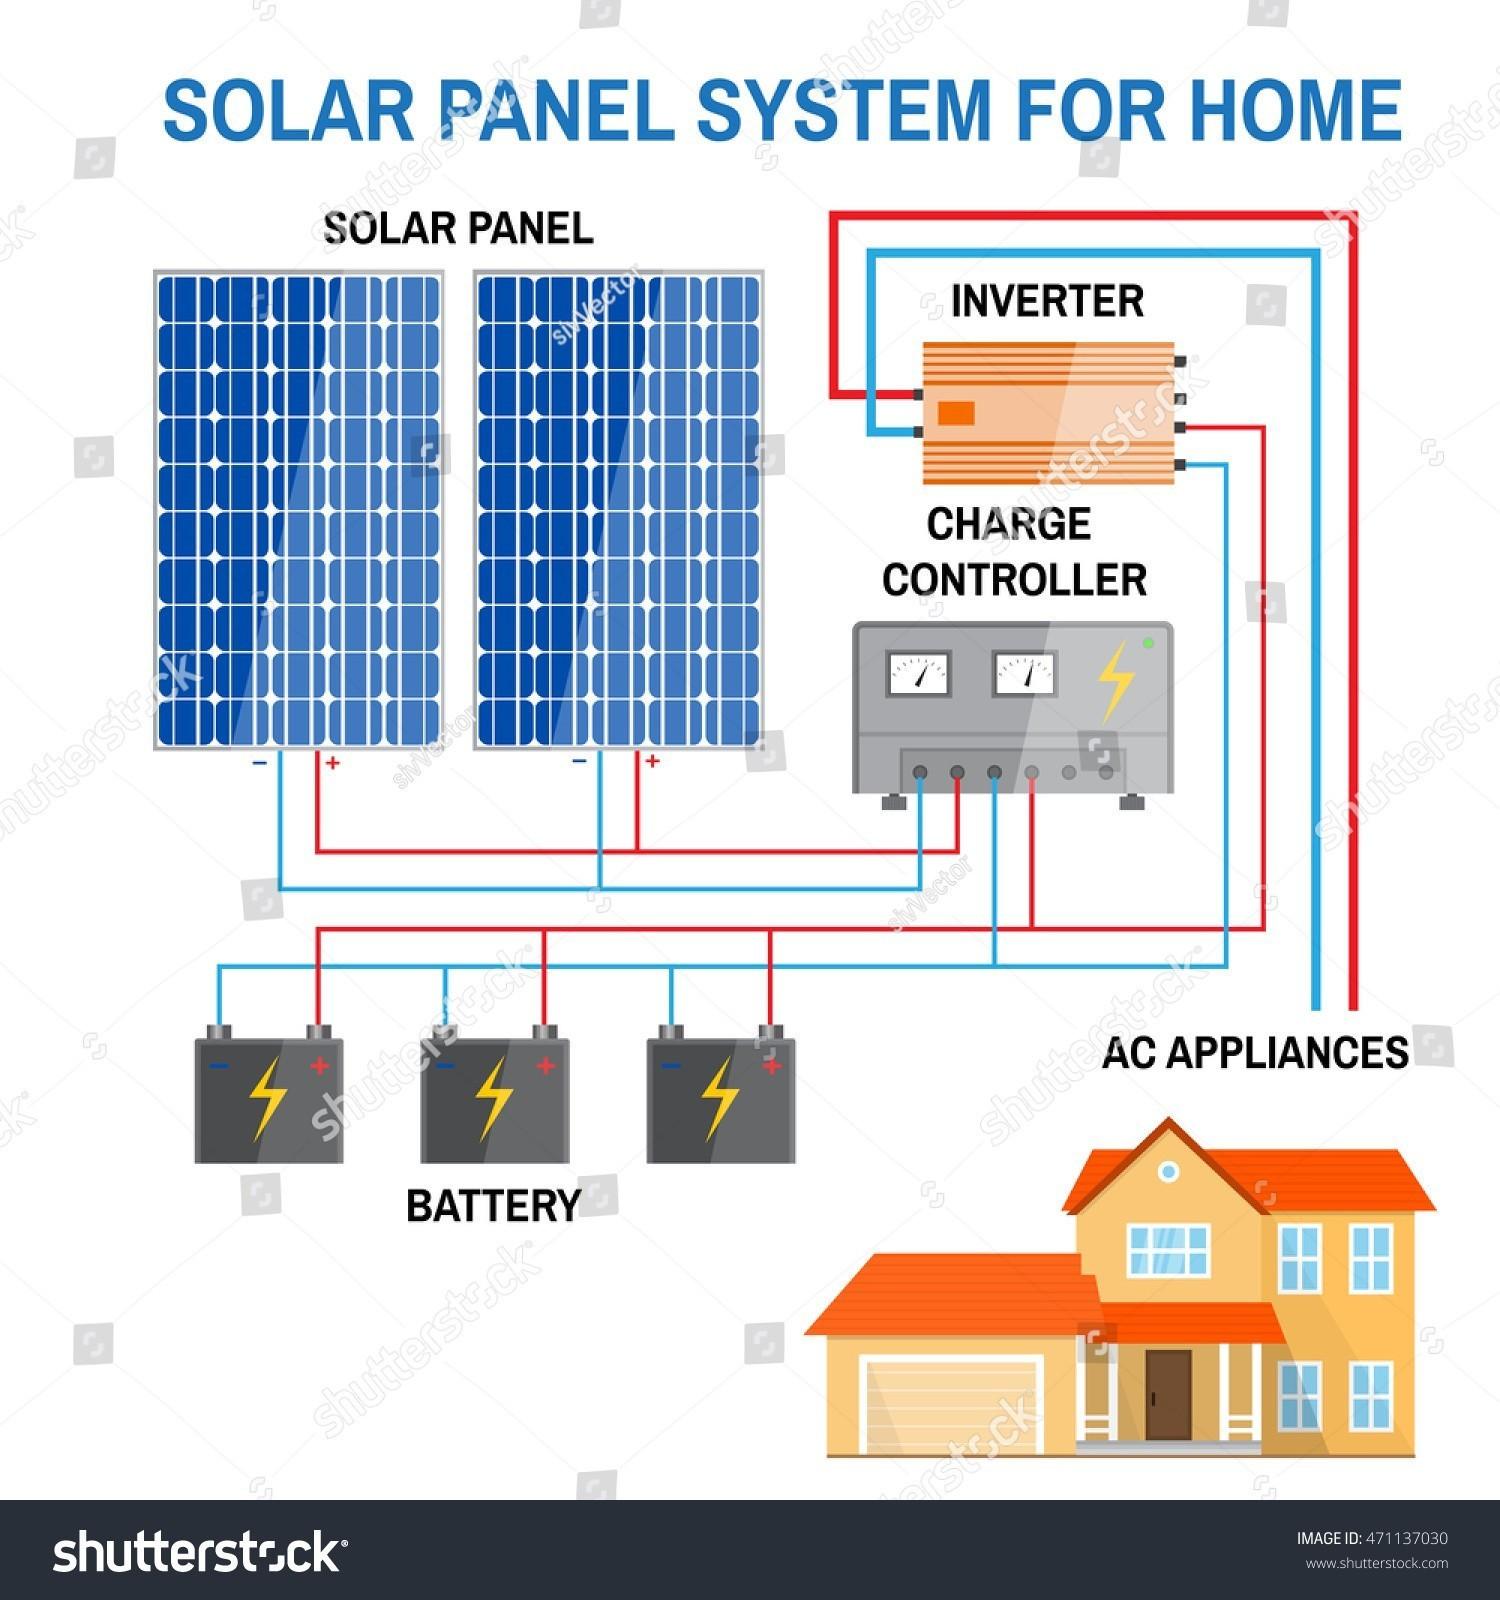 f Grid Solar System Wiring Diagram Free Downloads Wiring Diagram For F Grid Solar System Fresh Rv Solar System